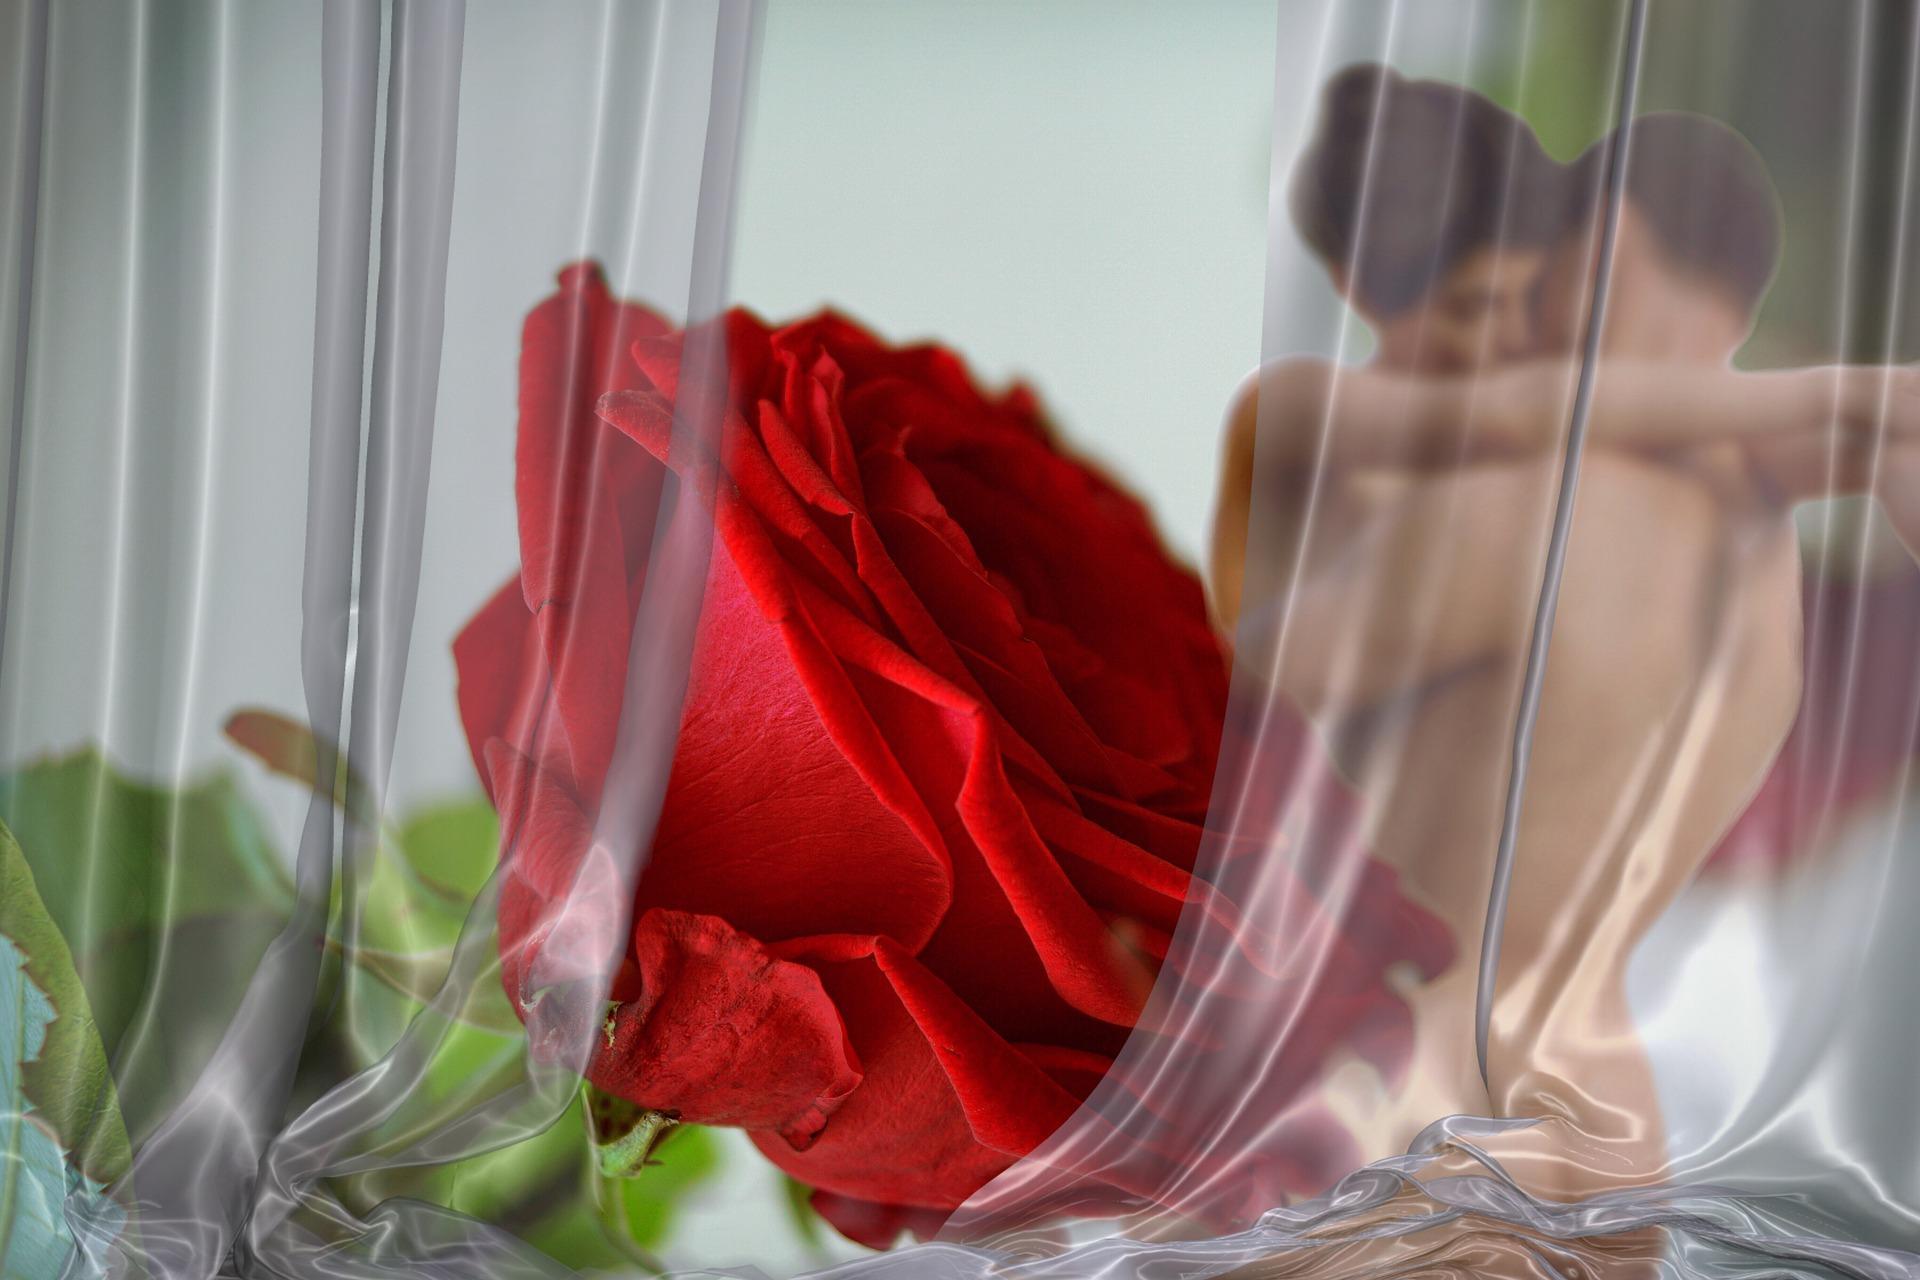 cum să crească erecția fără medicamente